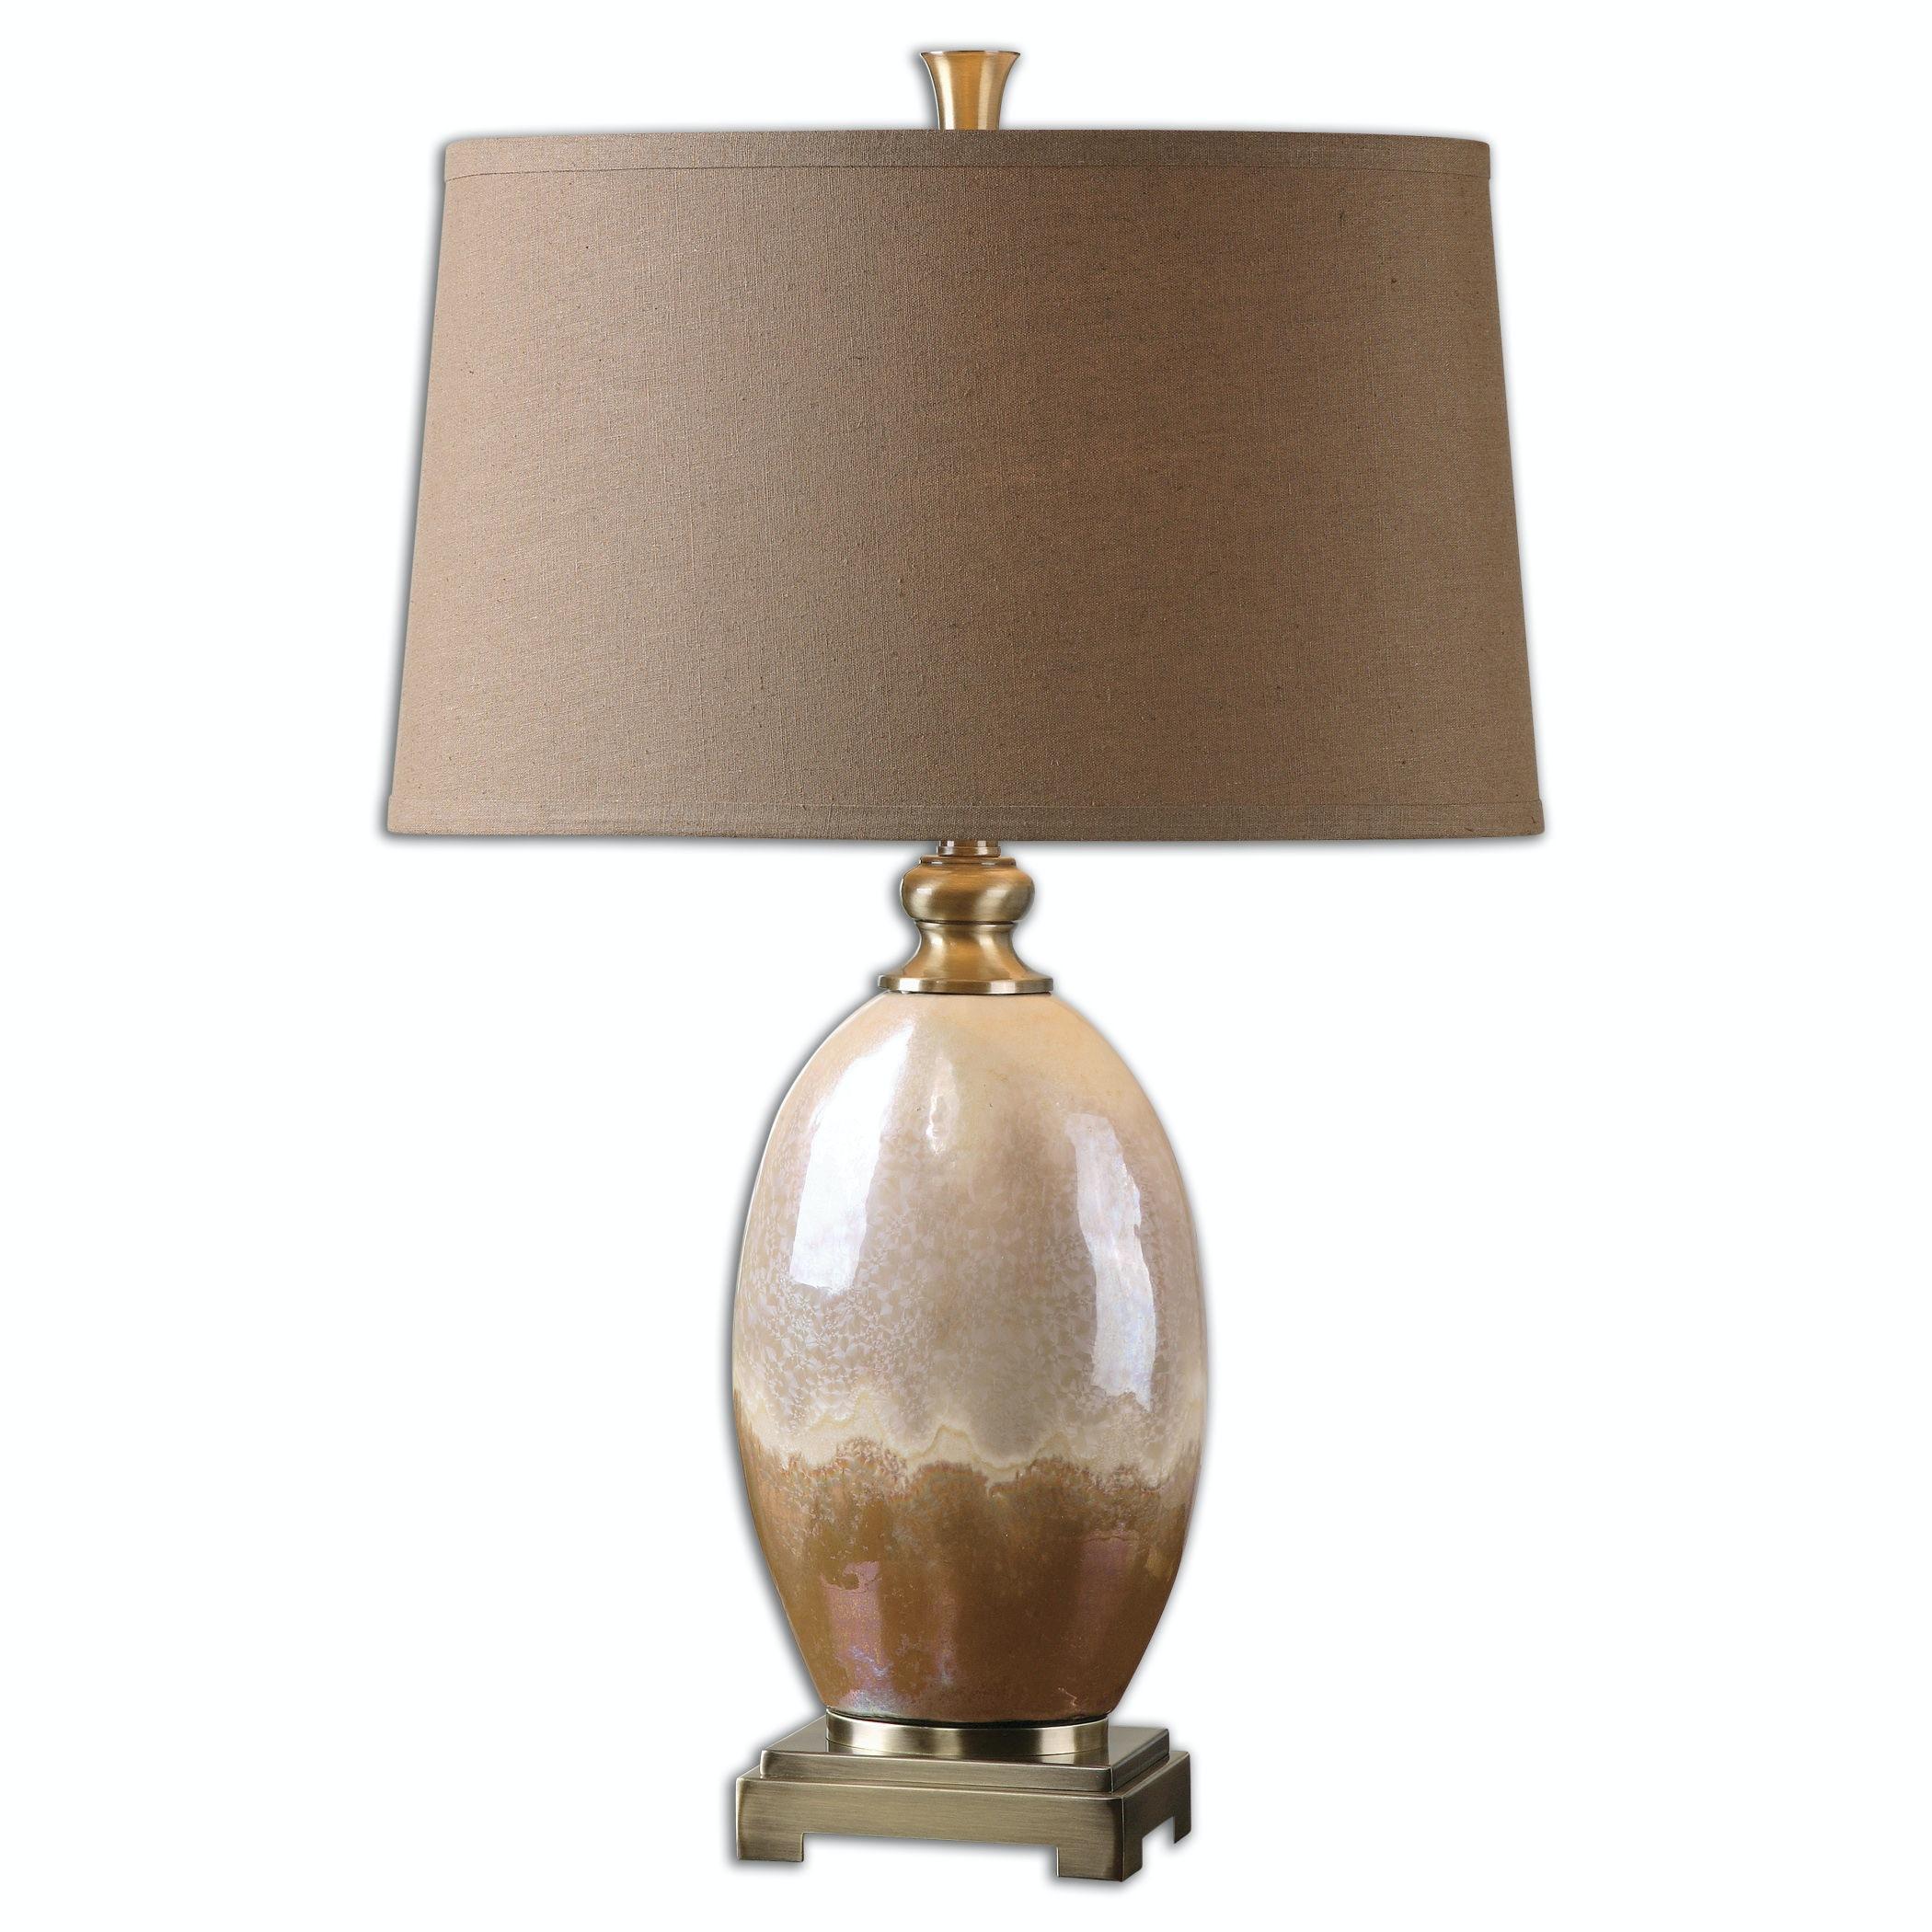 uttermost eadric ceramic table lamp 26156 uttermost lamps and lighting eadric ceramic table lamp 26156      rh   gracefurniture